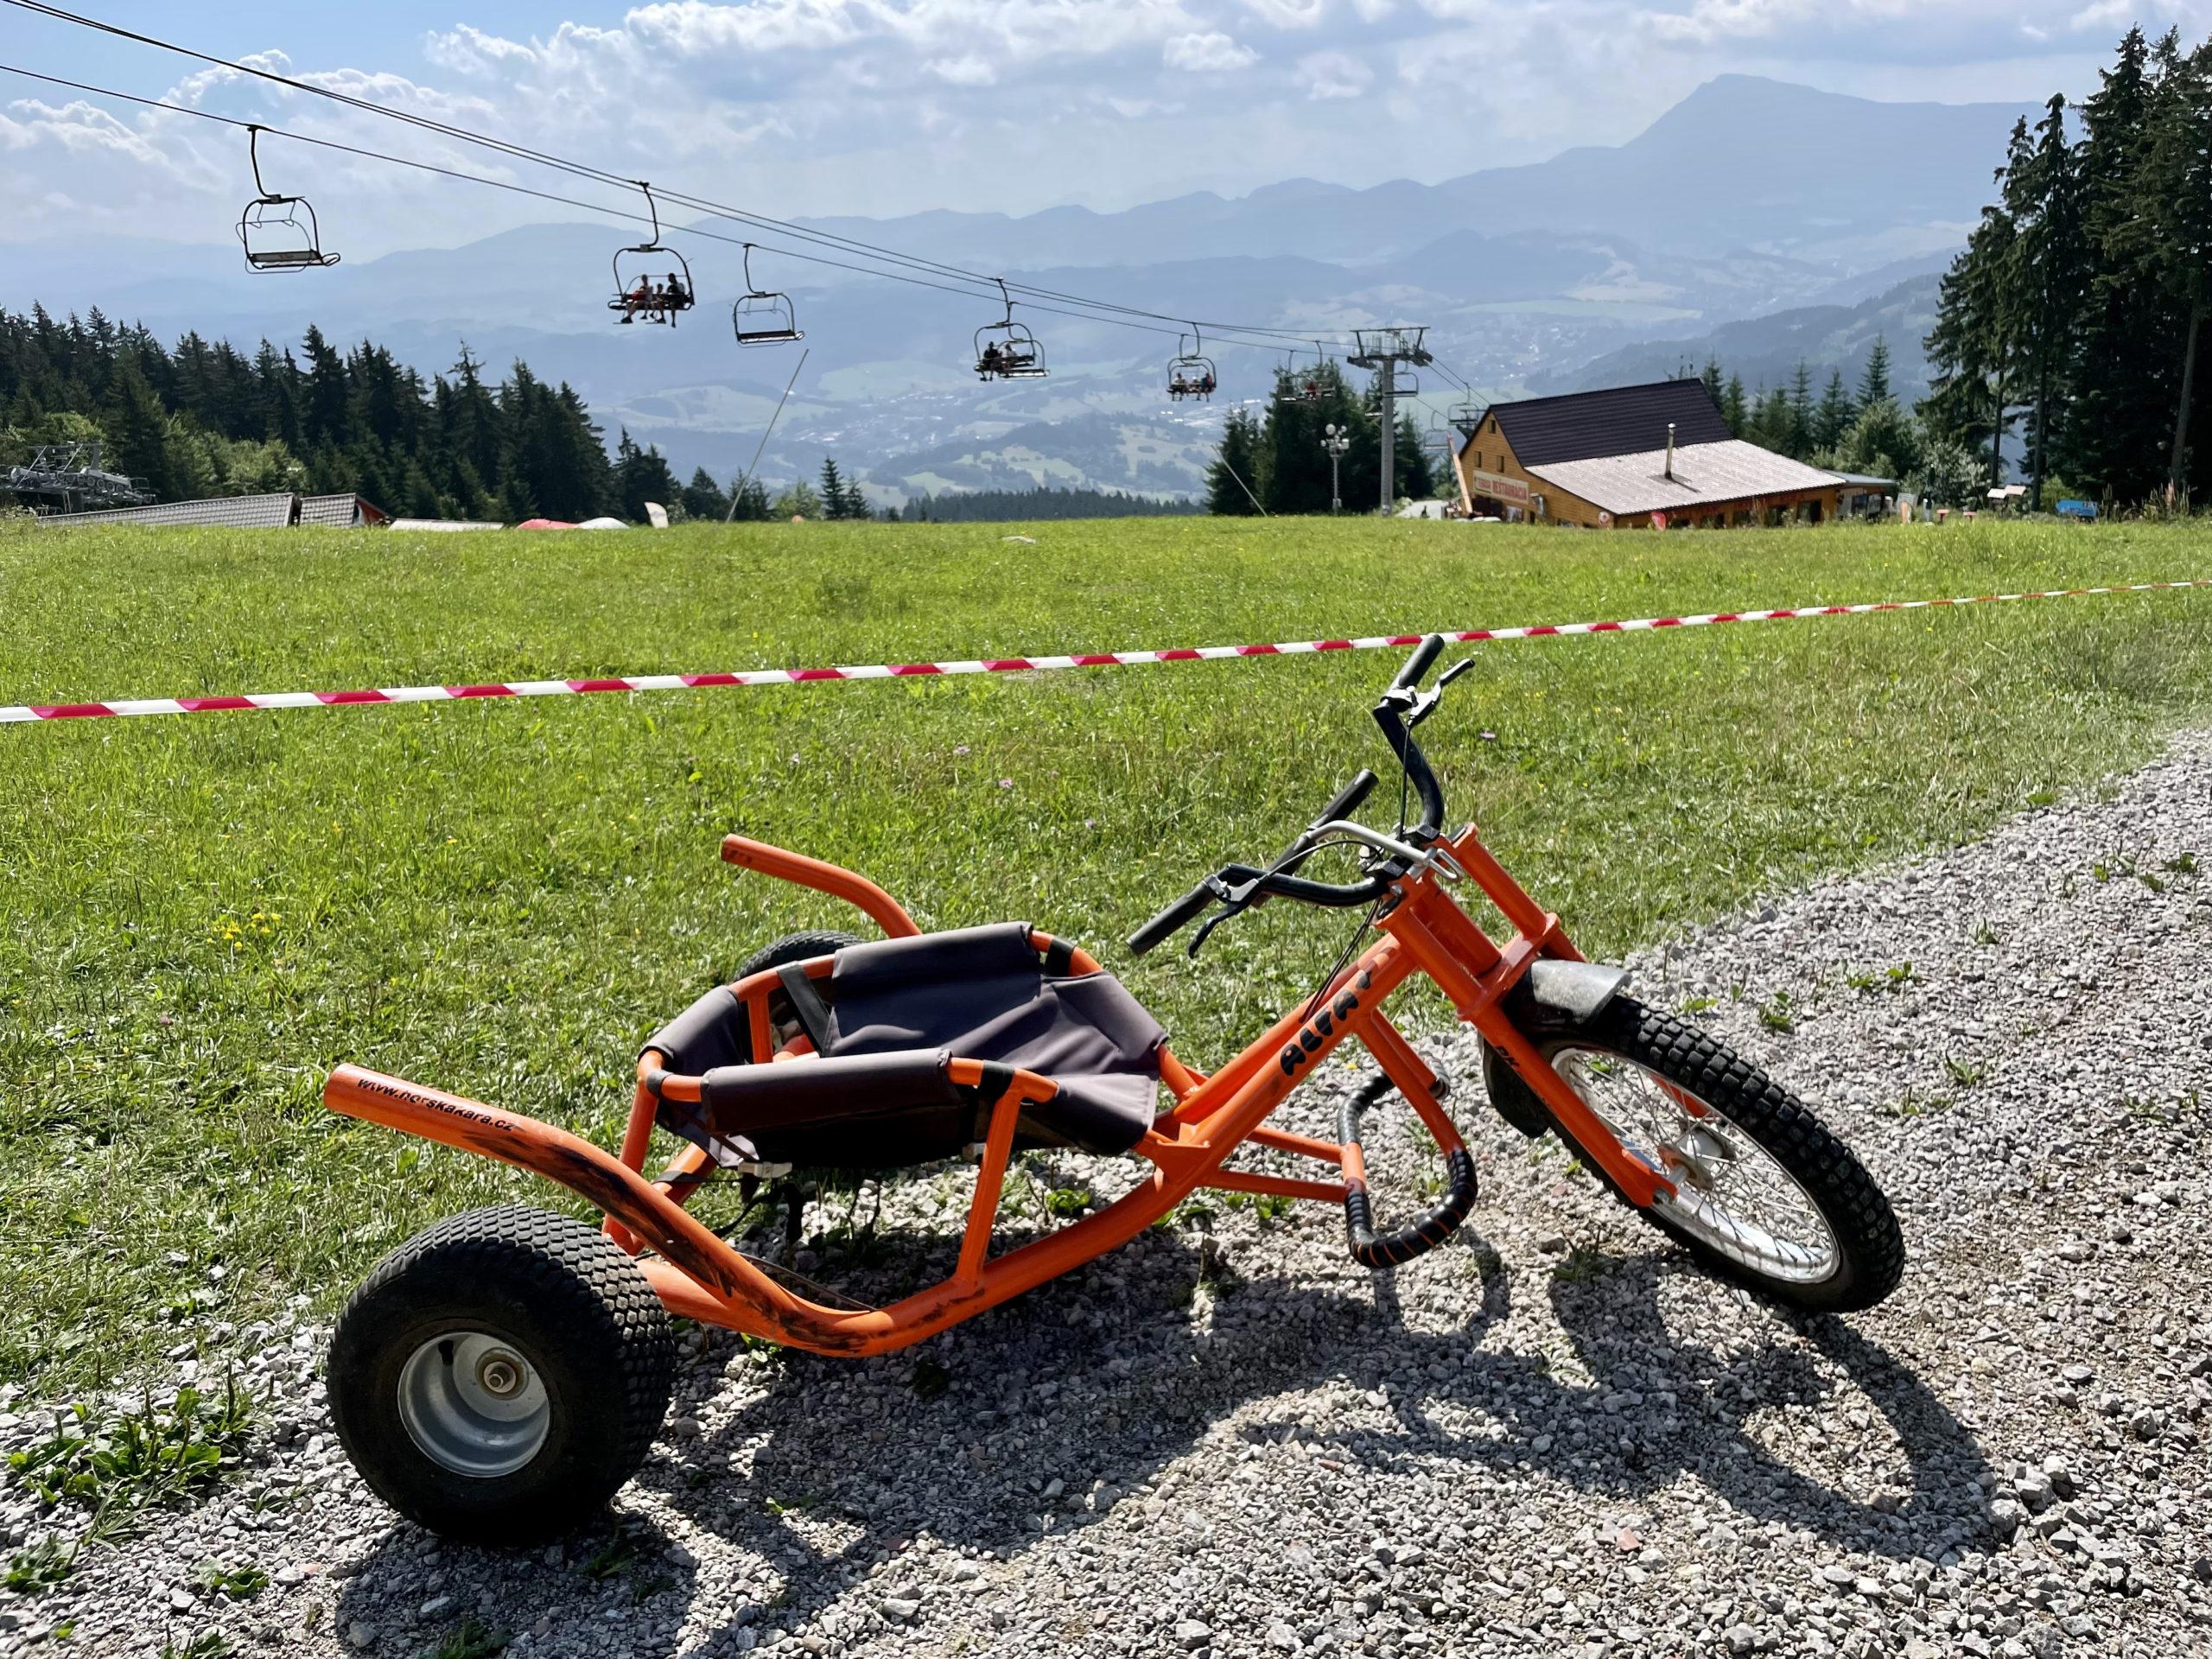 Na Kubińskiej Holi można wypożyczyć rowery, hulajnogi i trójkołowce. Wyciągiem w górę, a potem zjazd.